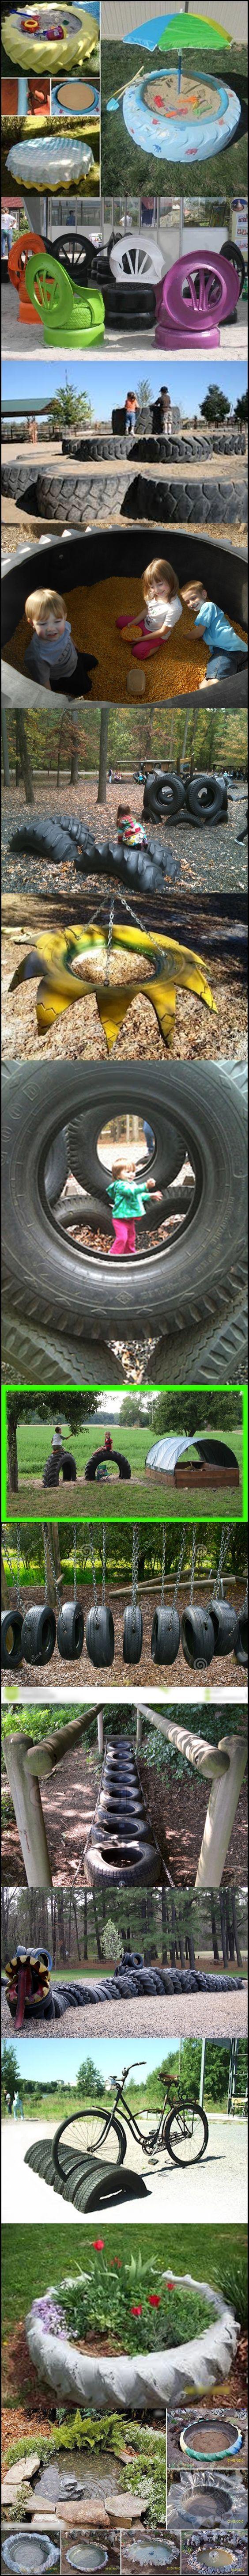 Поделки из резины автопокрышек фото 26